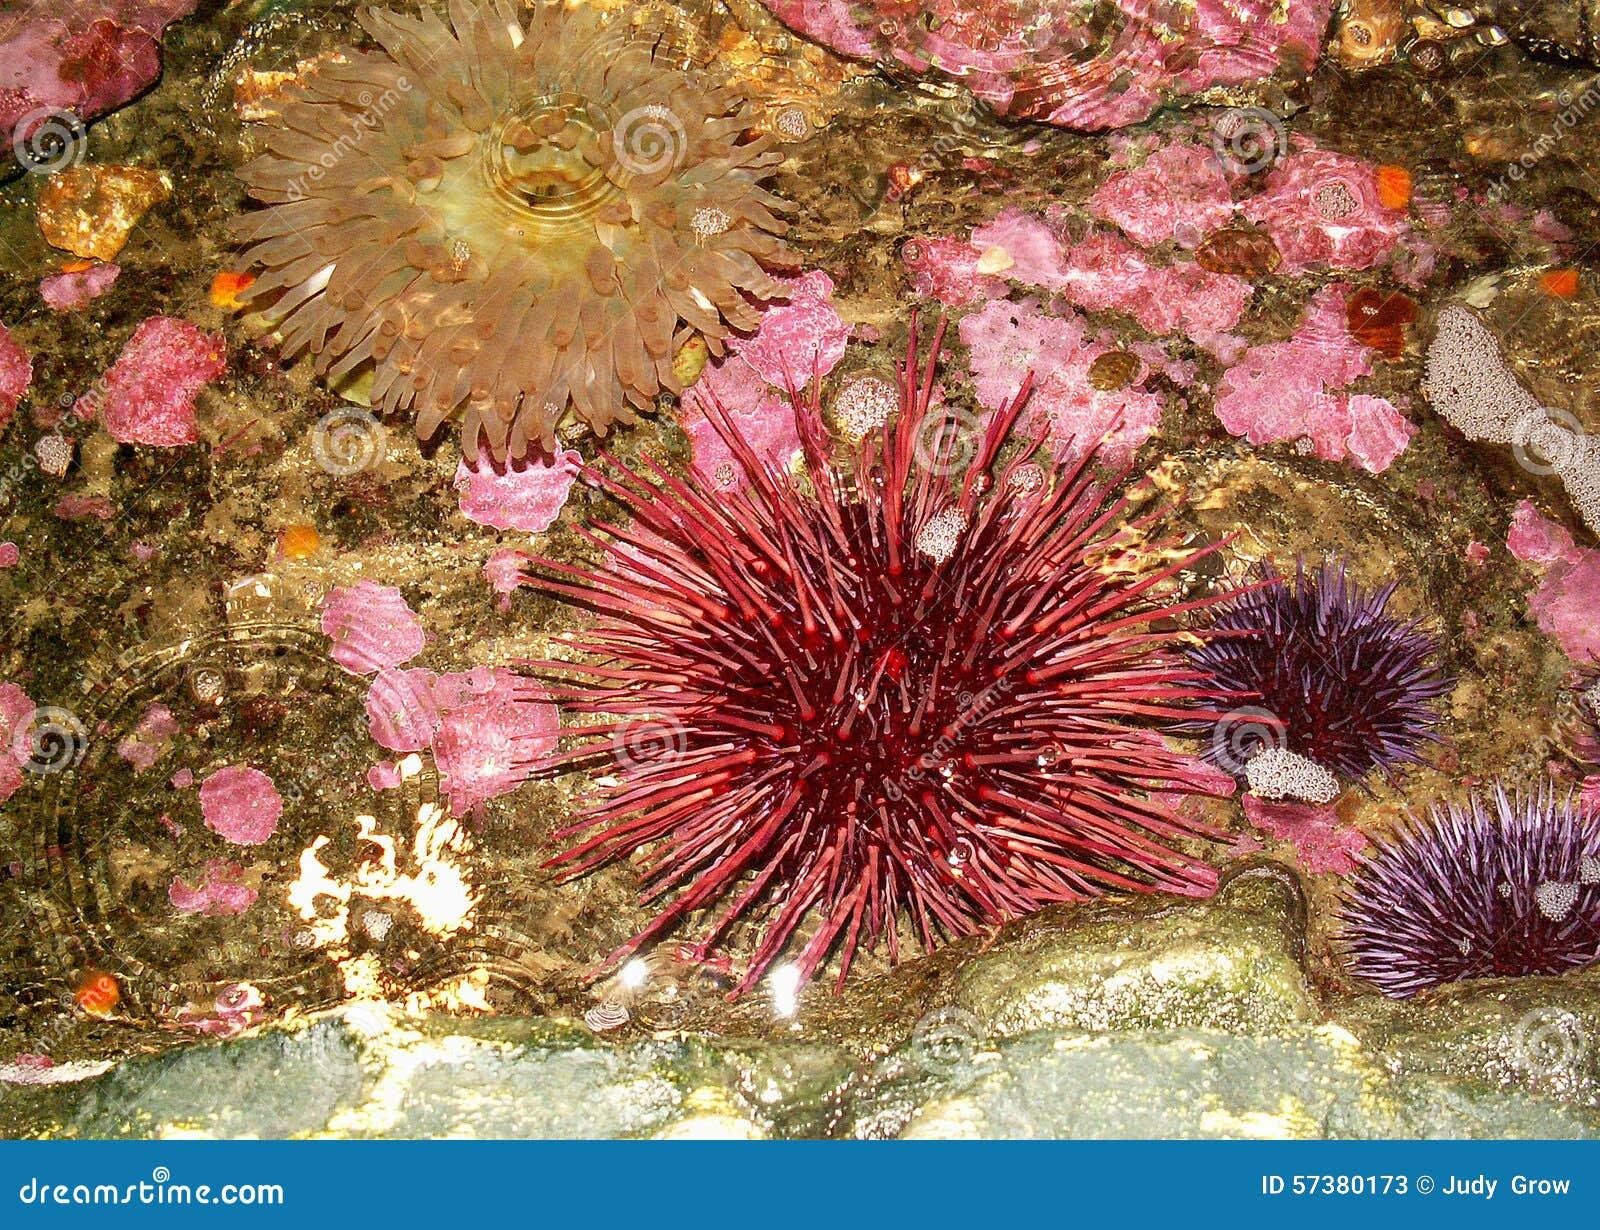 Anemoon en zeeëgels